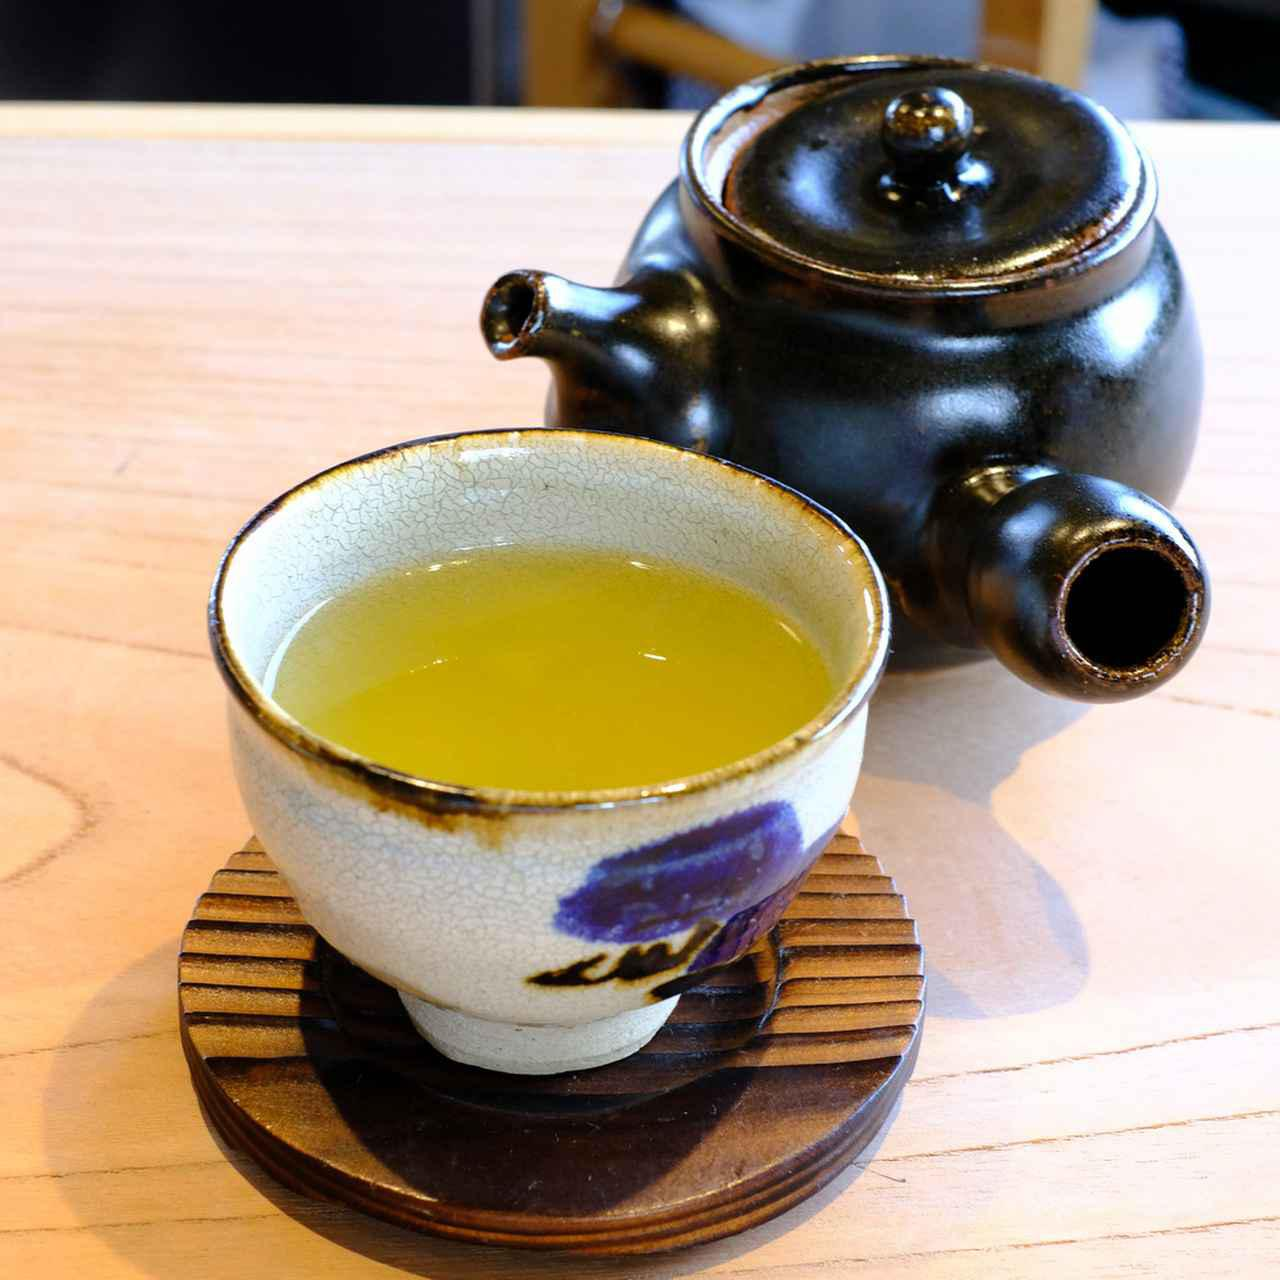 画像: 私のオーダーは小野茶。一煎目だけでなく、お湯を継ぎ足してもらい二煎目も楽しめるので、気の合う友人とゆっくり語らうこともできるいいカフェですねー。一人で来ちゃったけど。